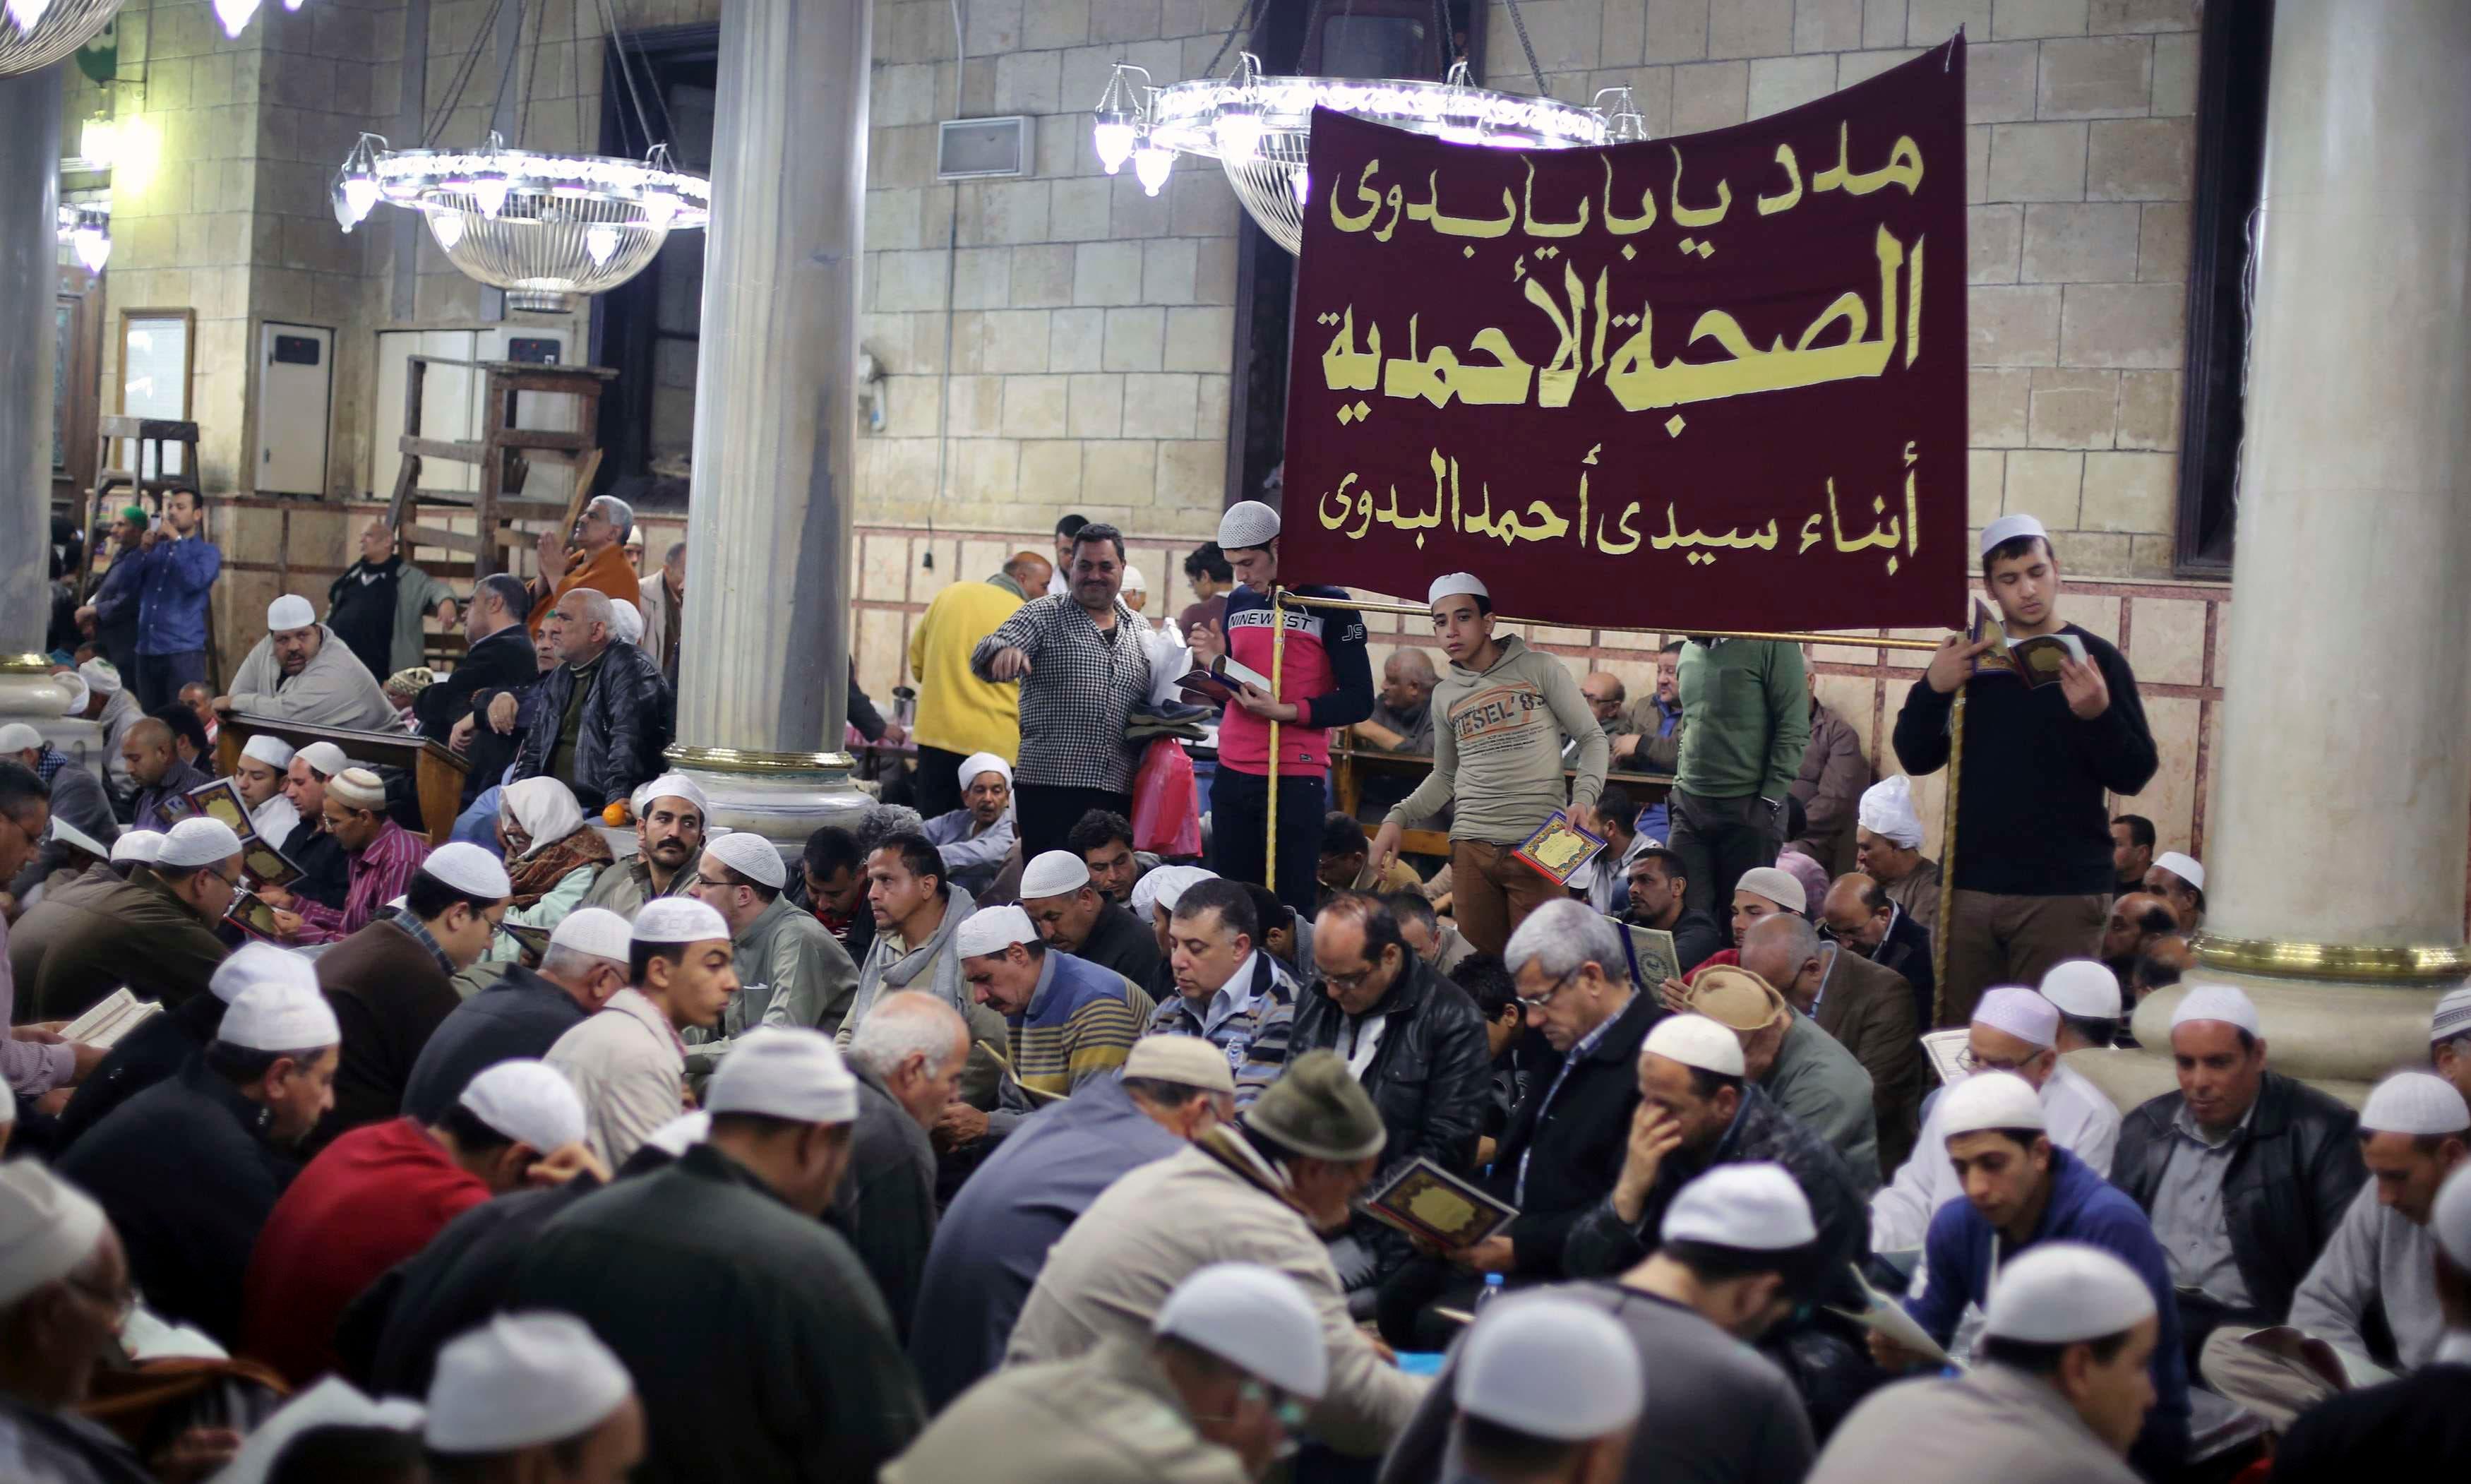 Moulid Al-Hussein celebration in Egypt